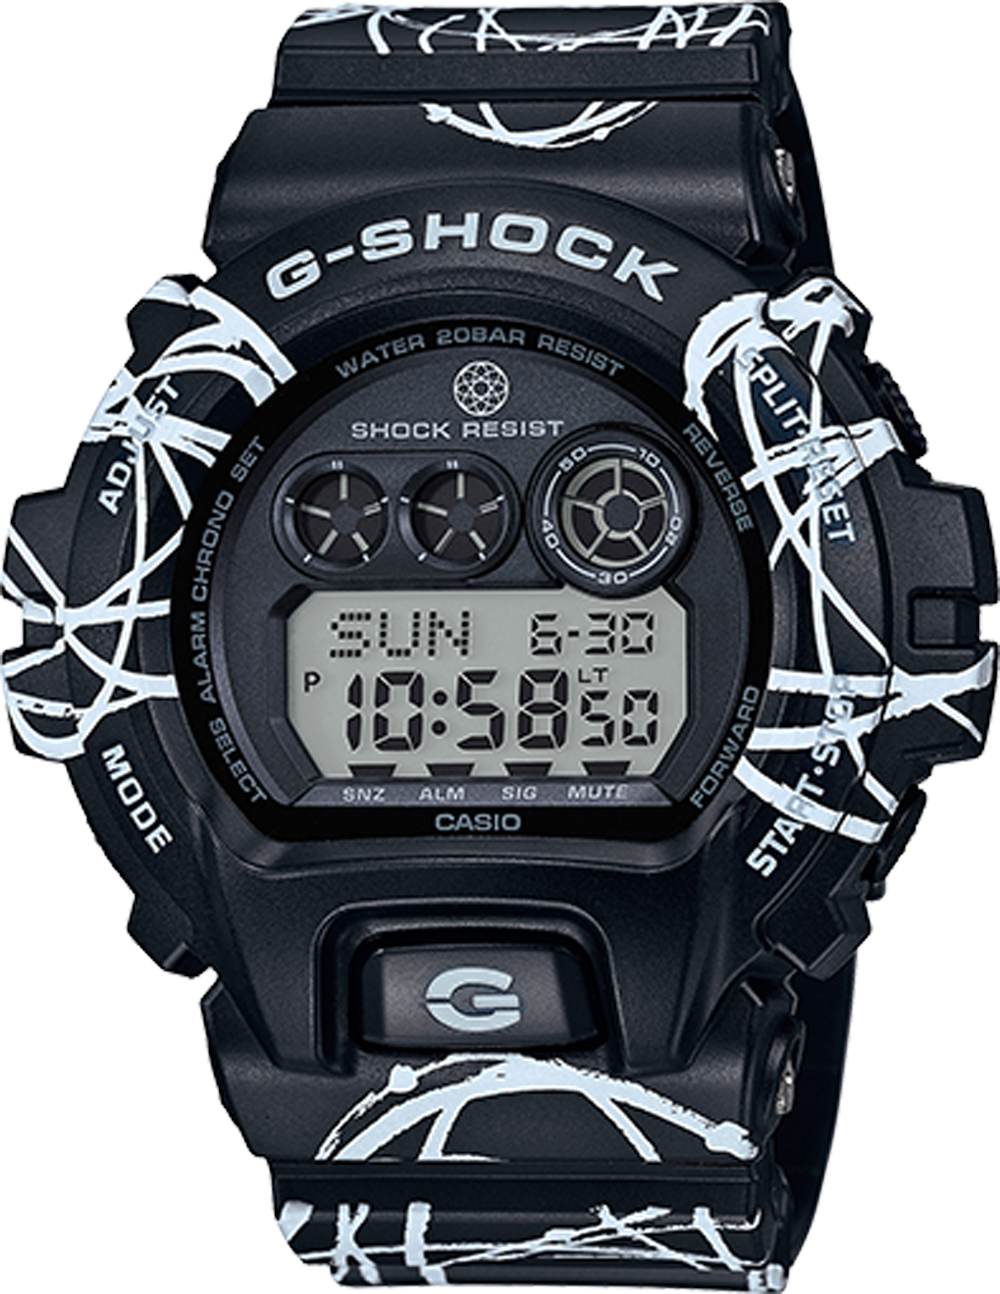 Unisex Black Resin Case Black Resin Band Digital Watch - GDX6900FTR-1CR